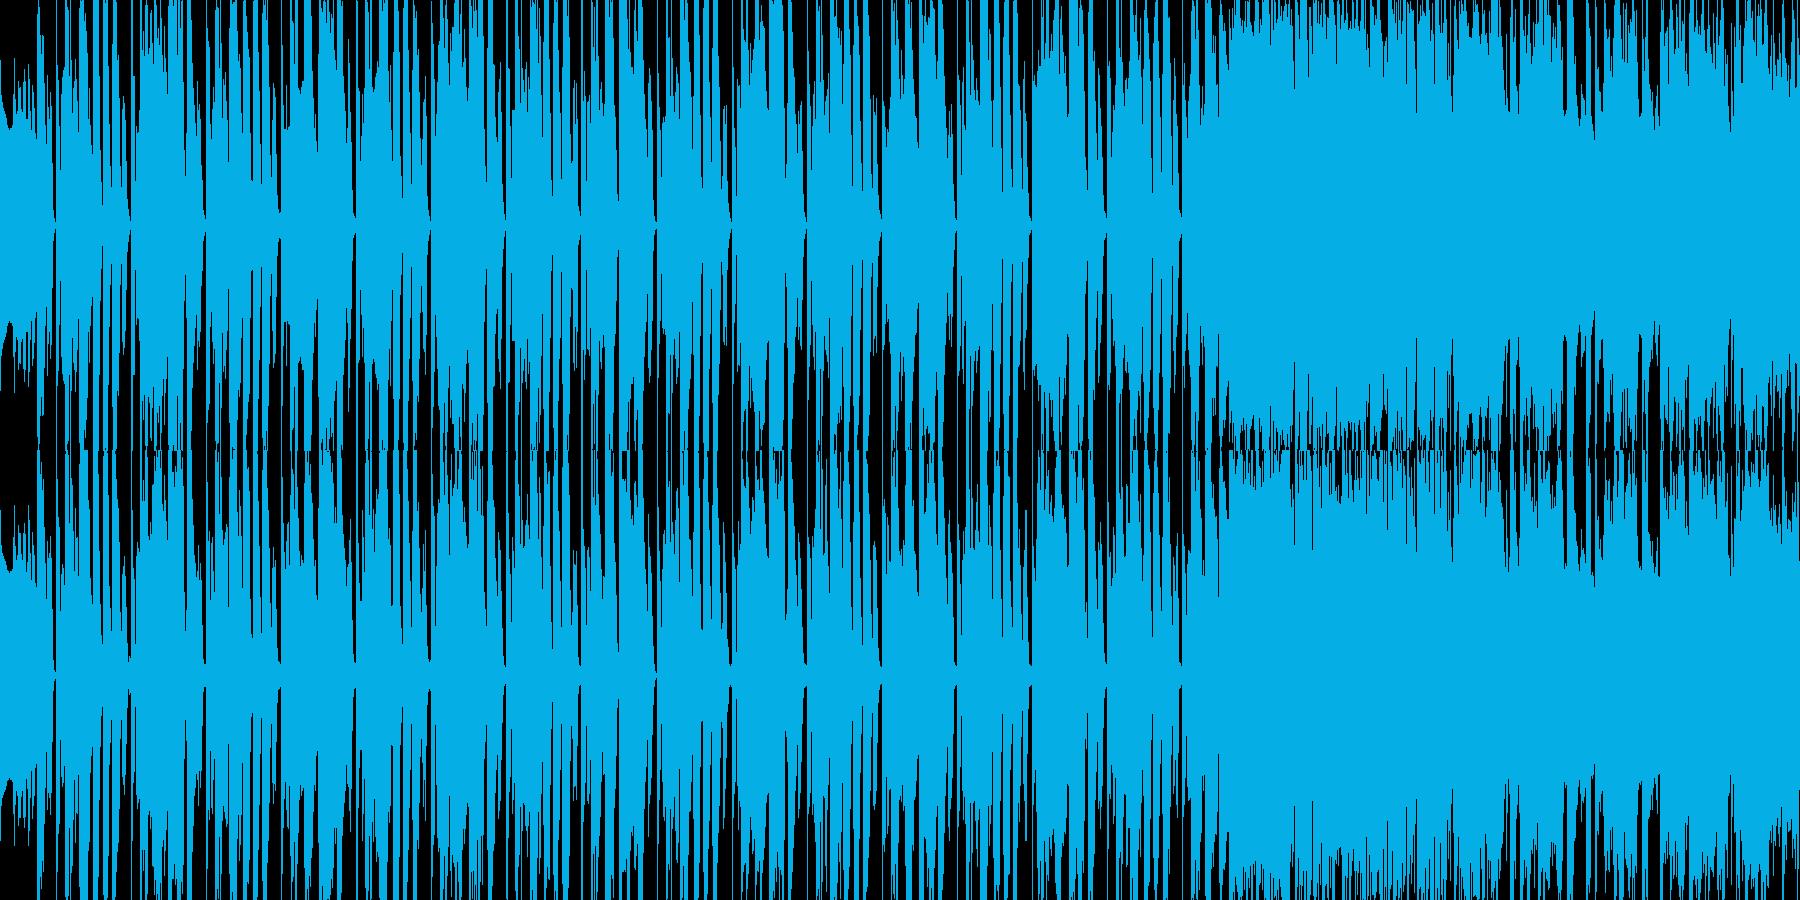 陽気でほのぼのとした日常のインストの再生済みの波形